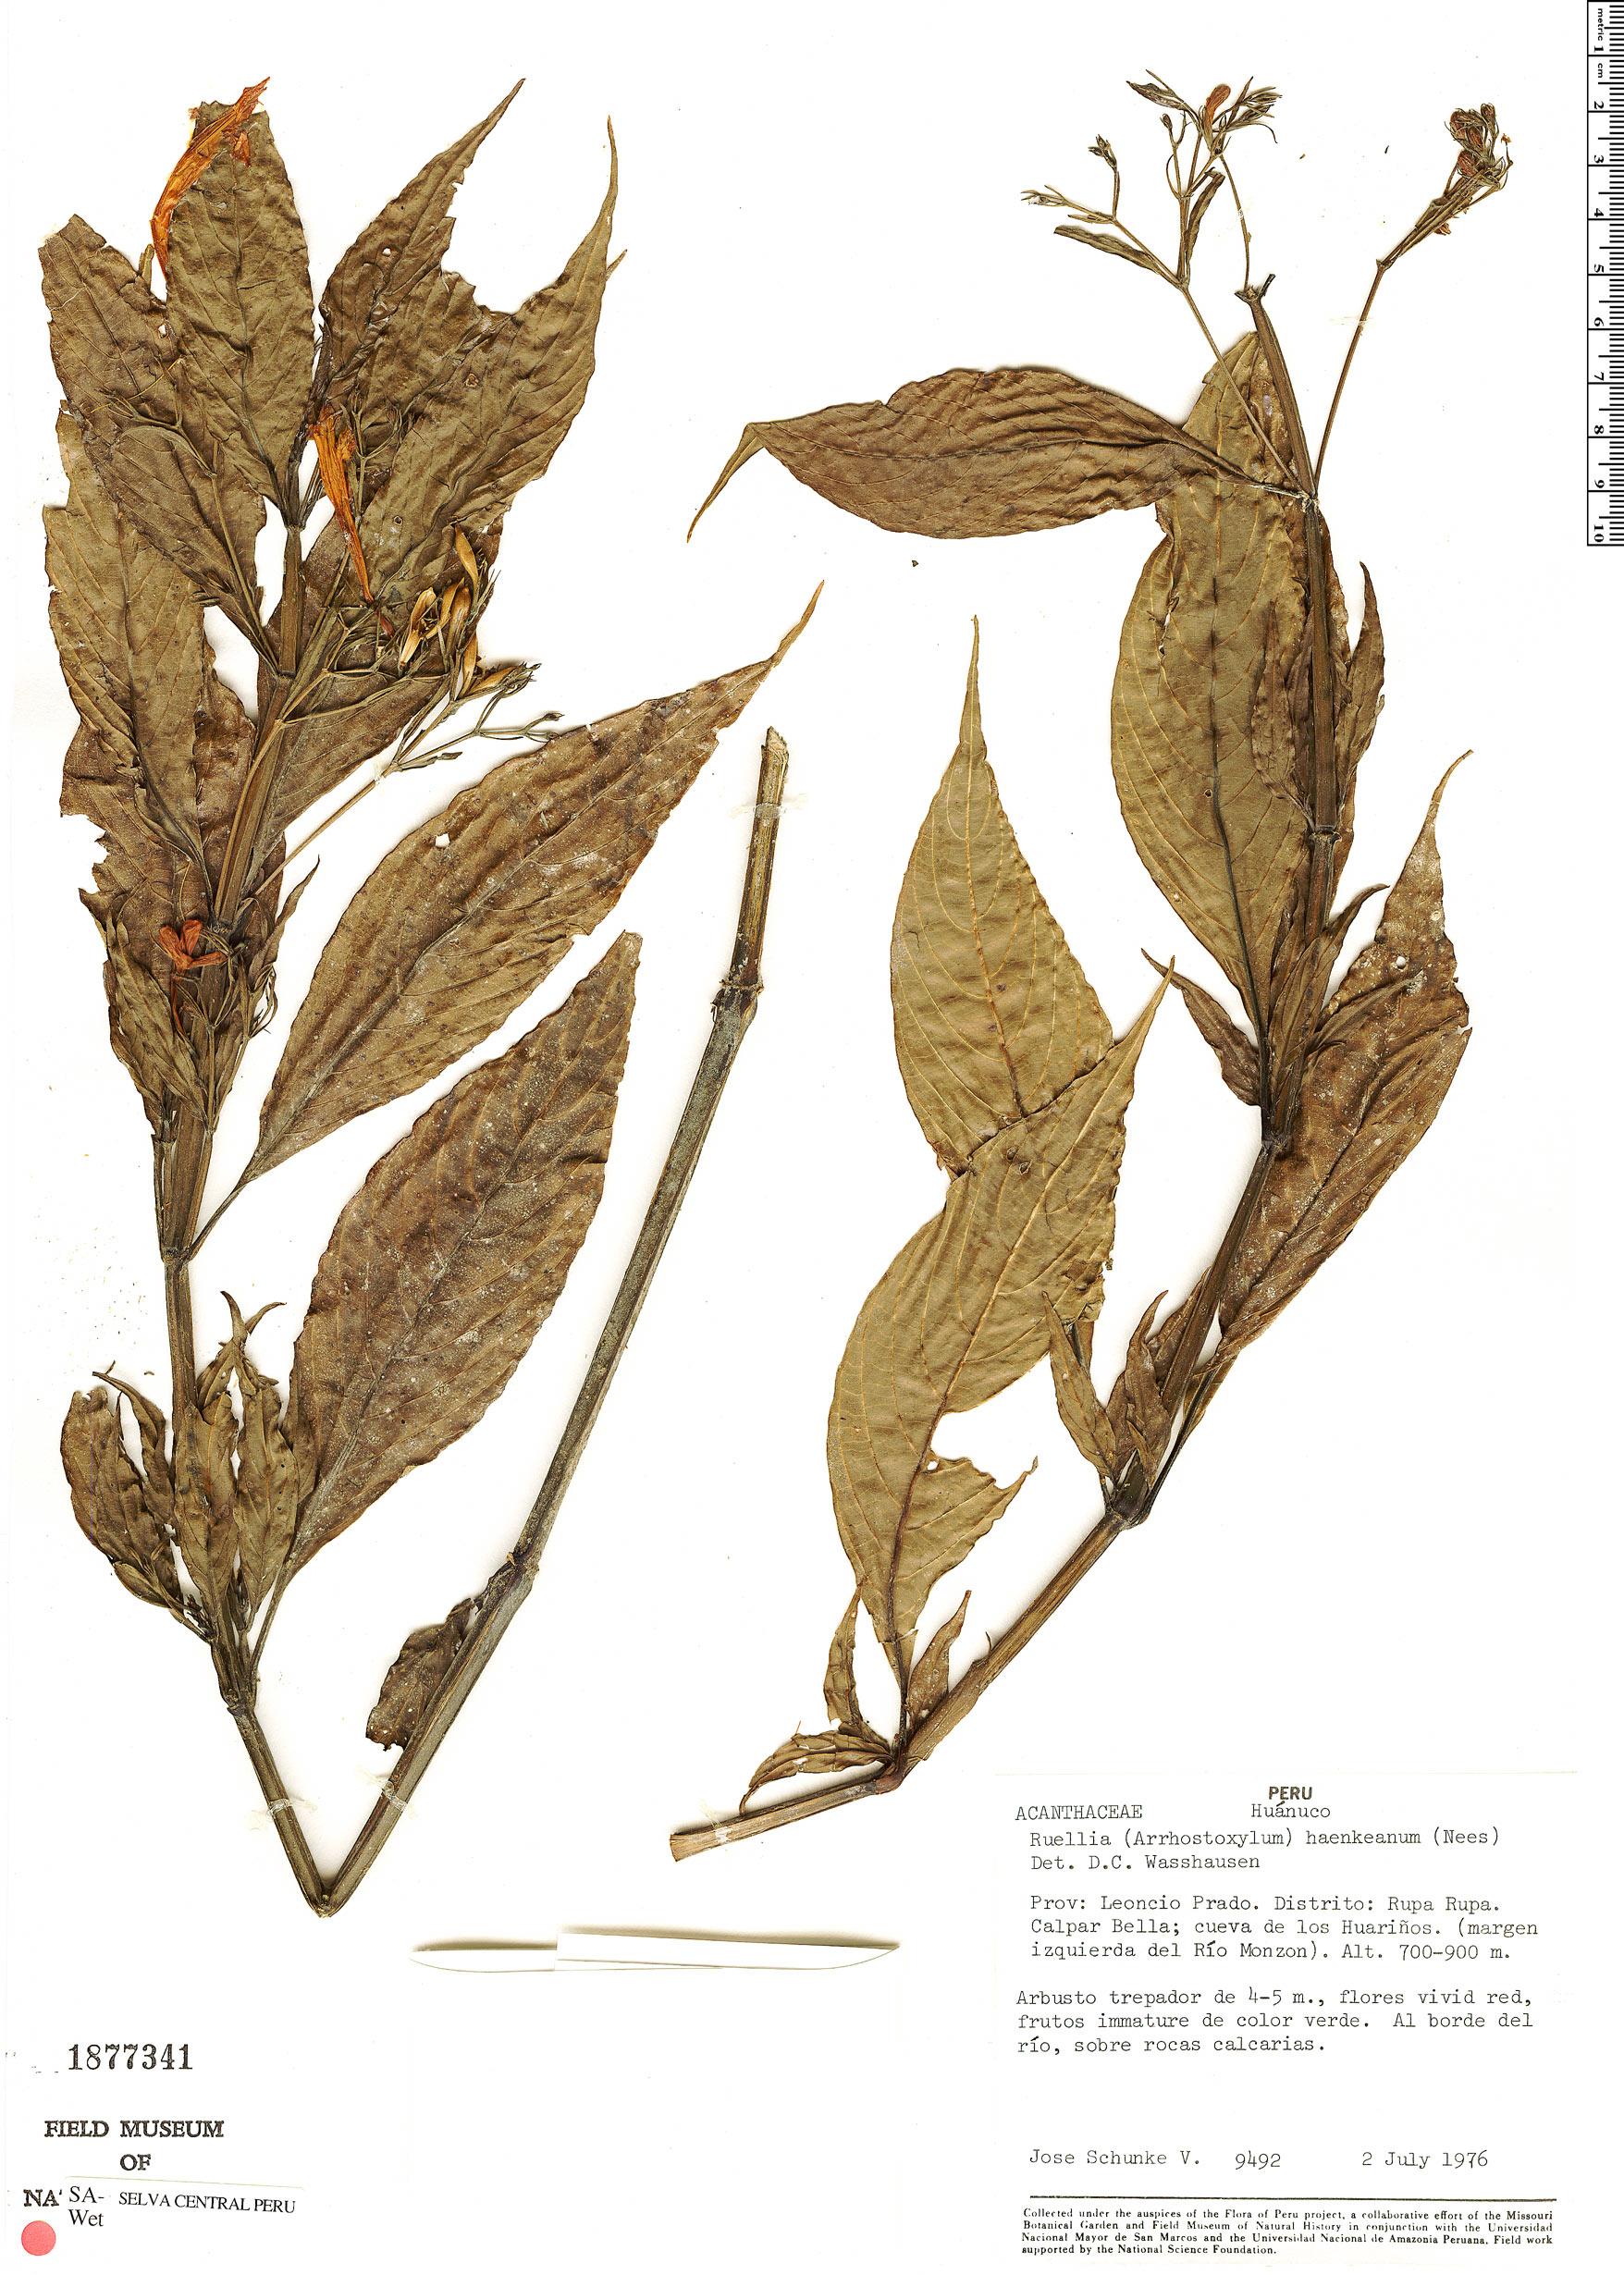 Espécime: Ruellia haenkeana